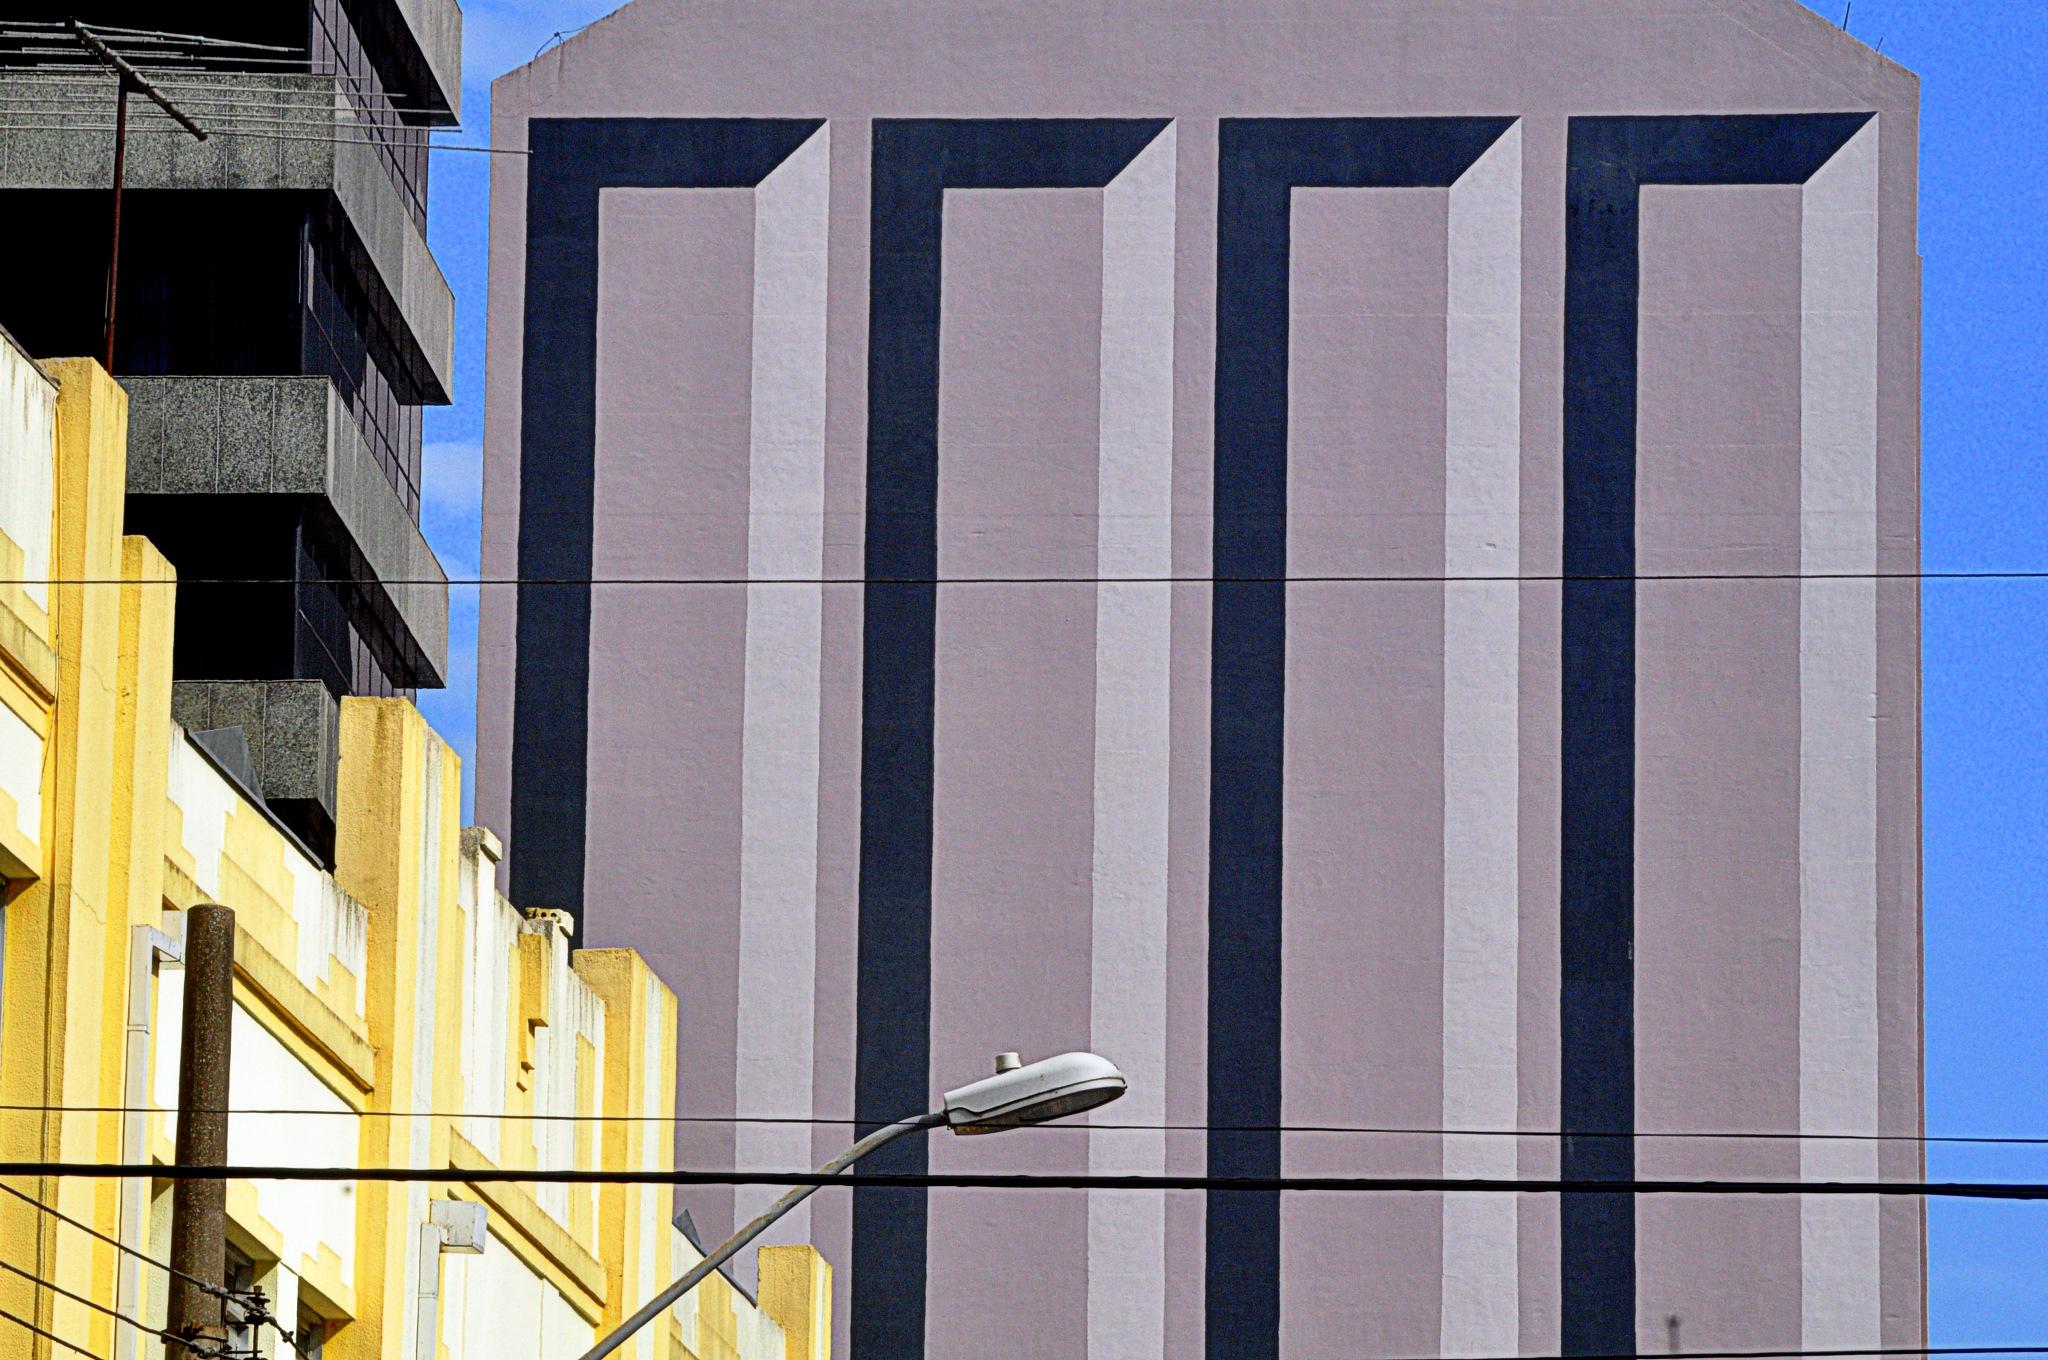 Arquitetura Abstrata by José Evaldo Suassuna de Oliveira